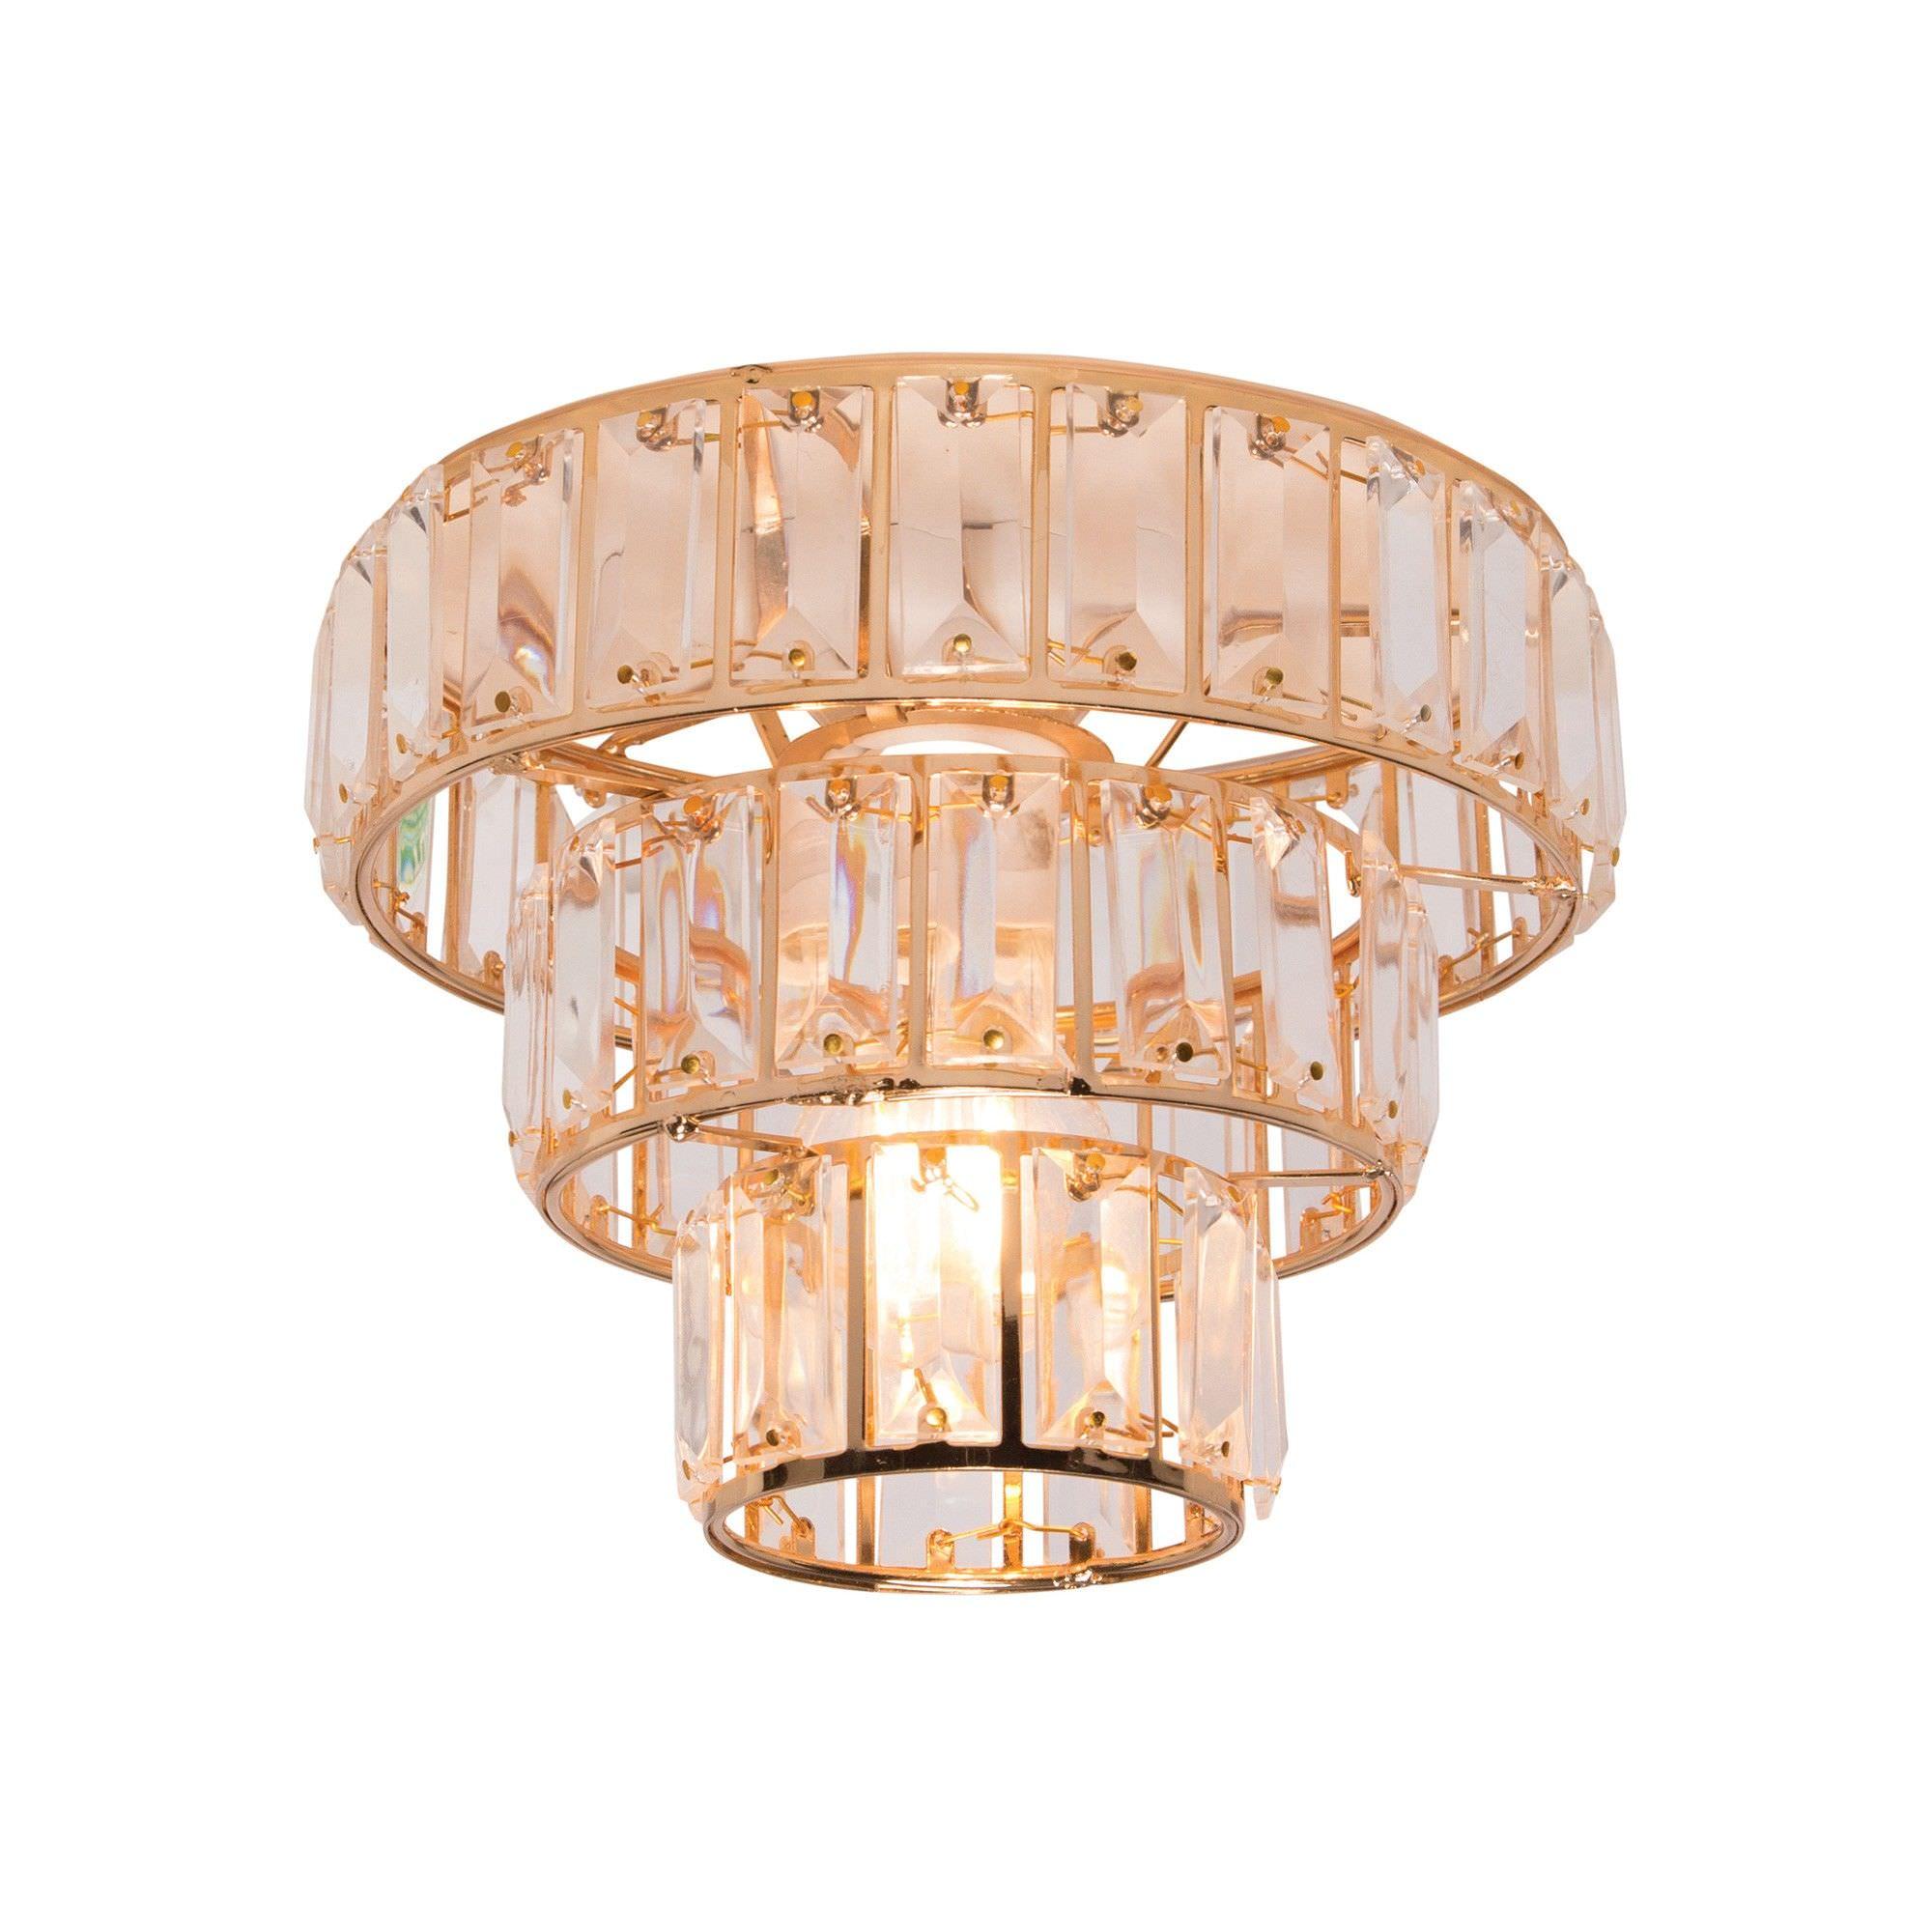 Plaza DIY Glass Batten Fix Ceiling Light Shade, Brass